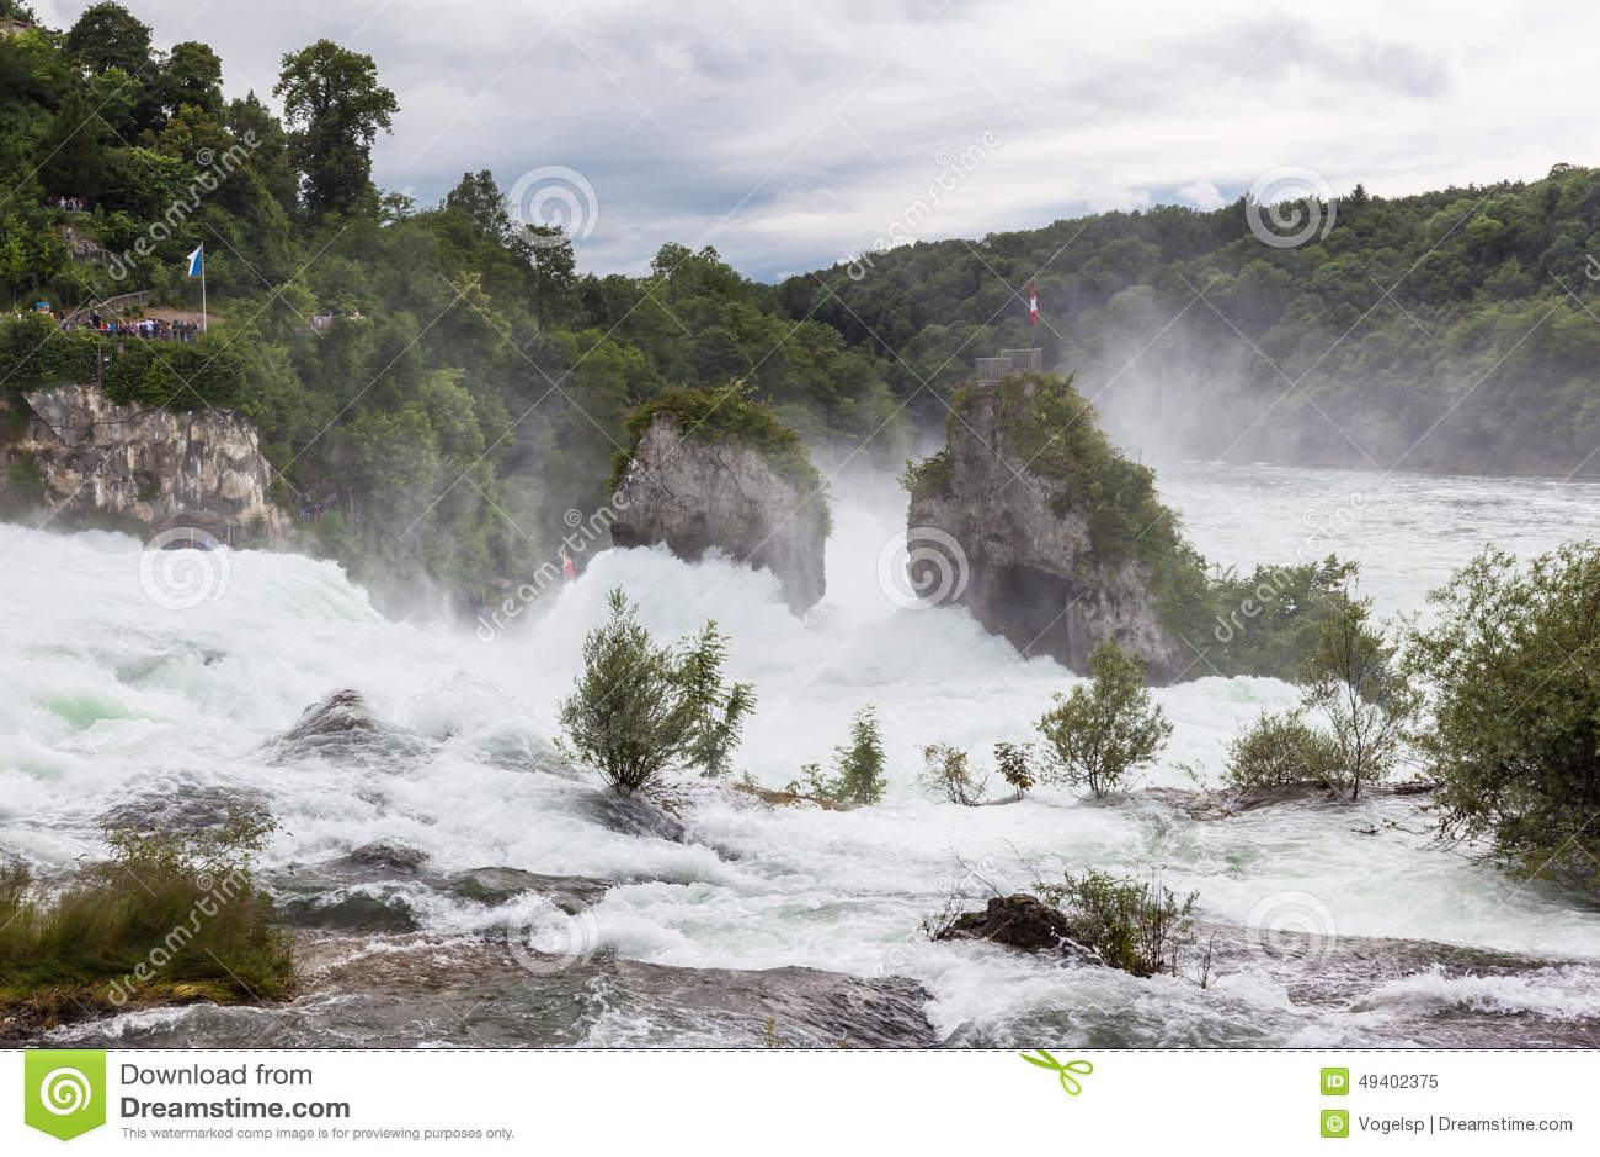 Download Wasserfall auf dem Rhein stockbild. Bild von landschaft - 49402375